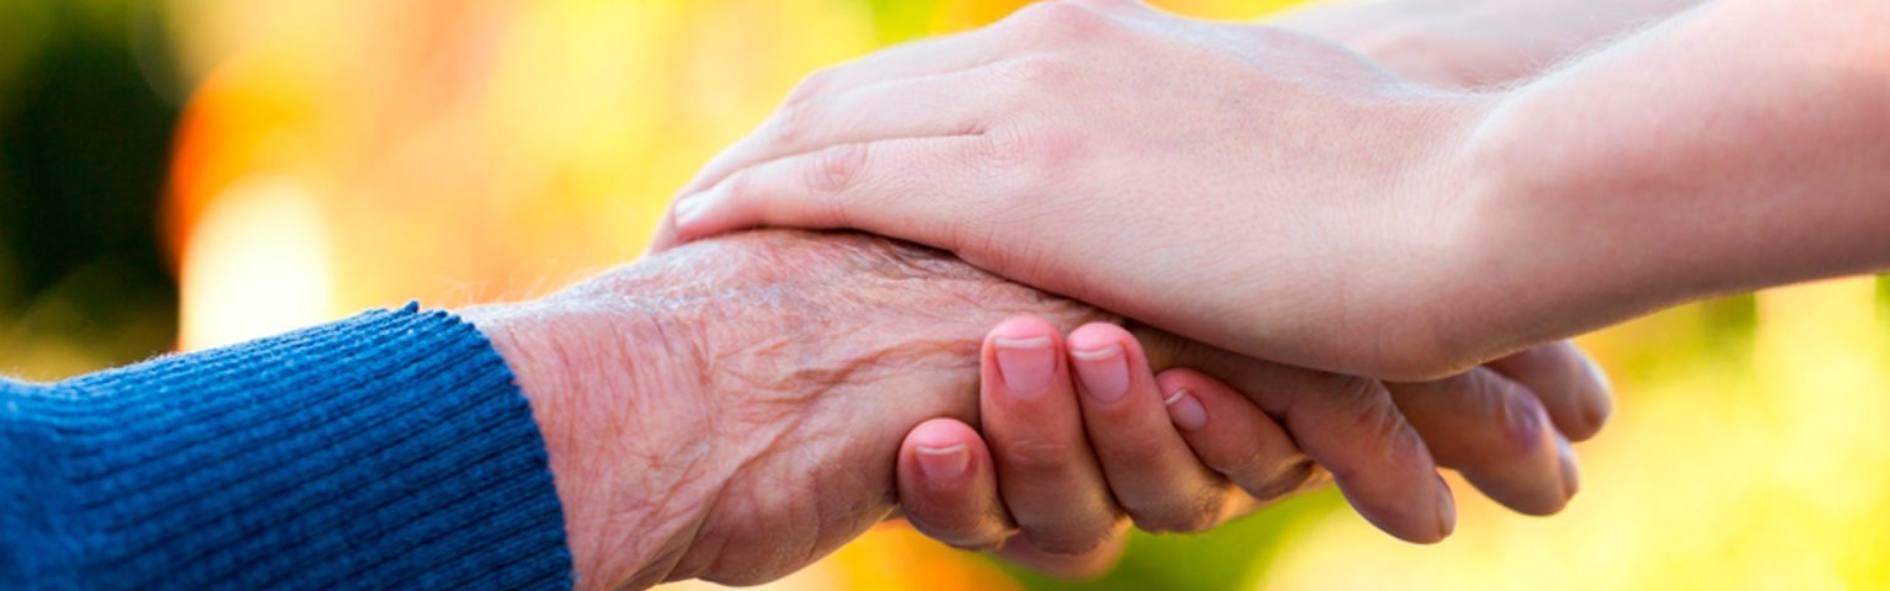 Descubre la demencia senil y cómo afecta a la rutina de una persona anciana